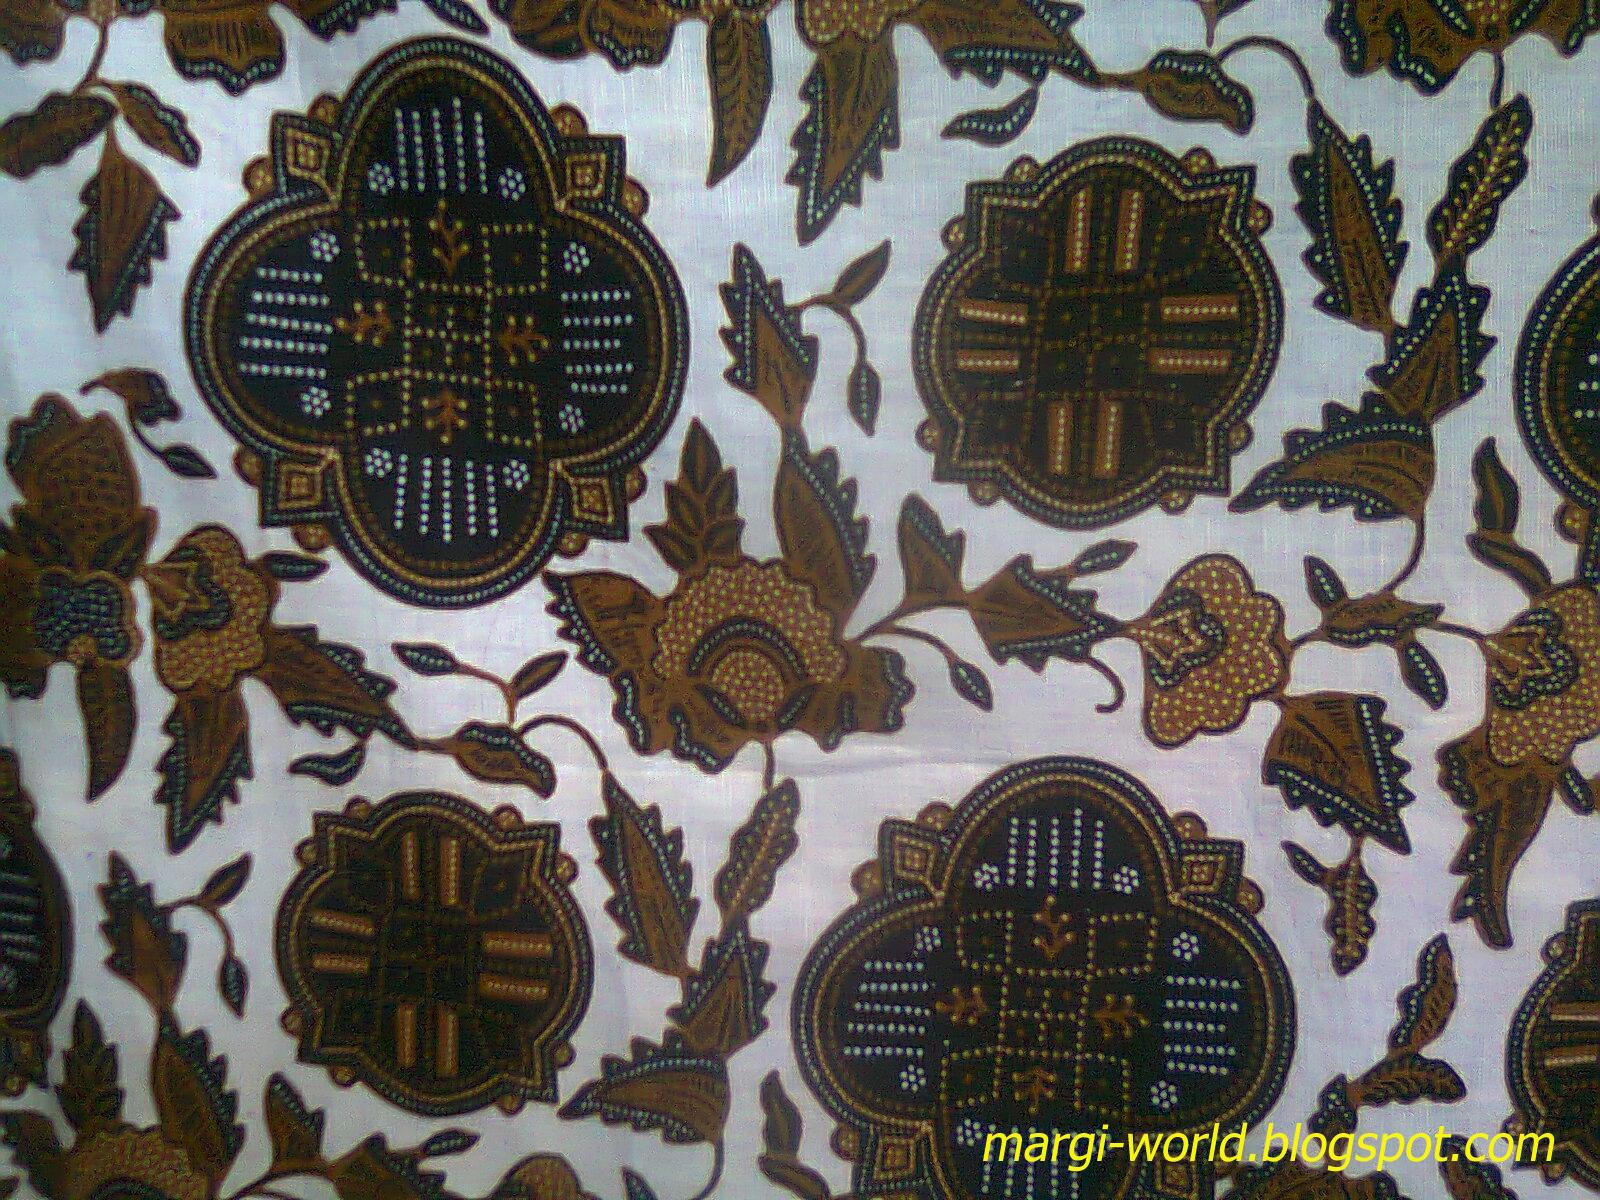 Contoh gambar batik tradisional sebagai inspirasi wallpaper